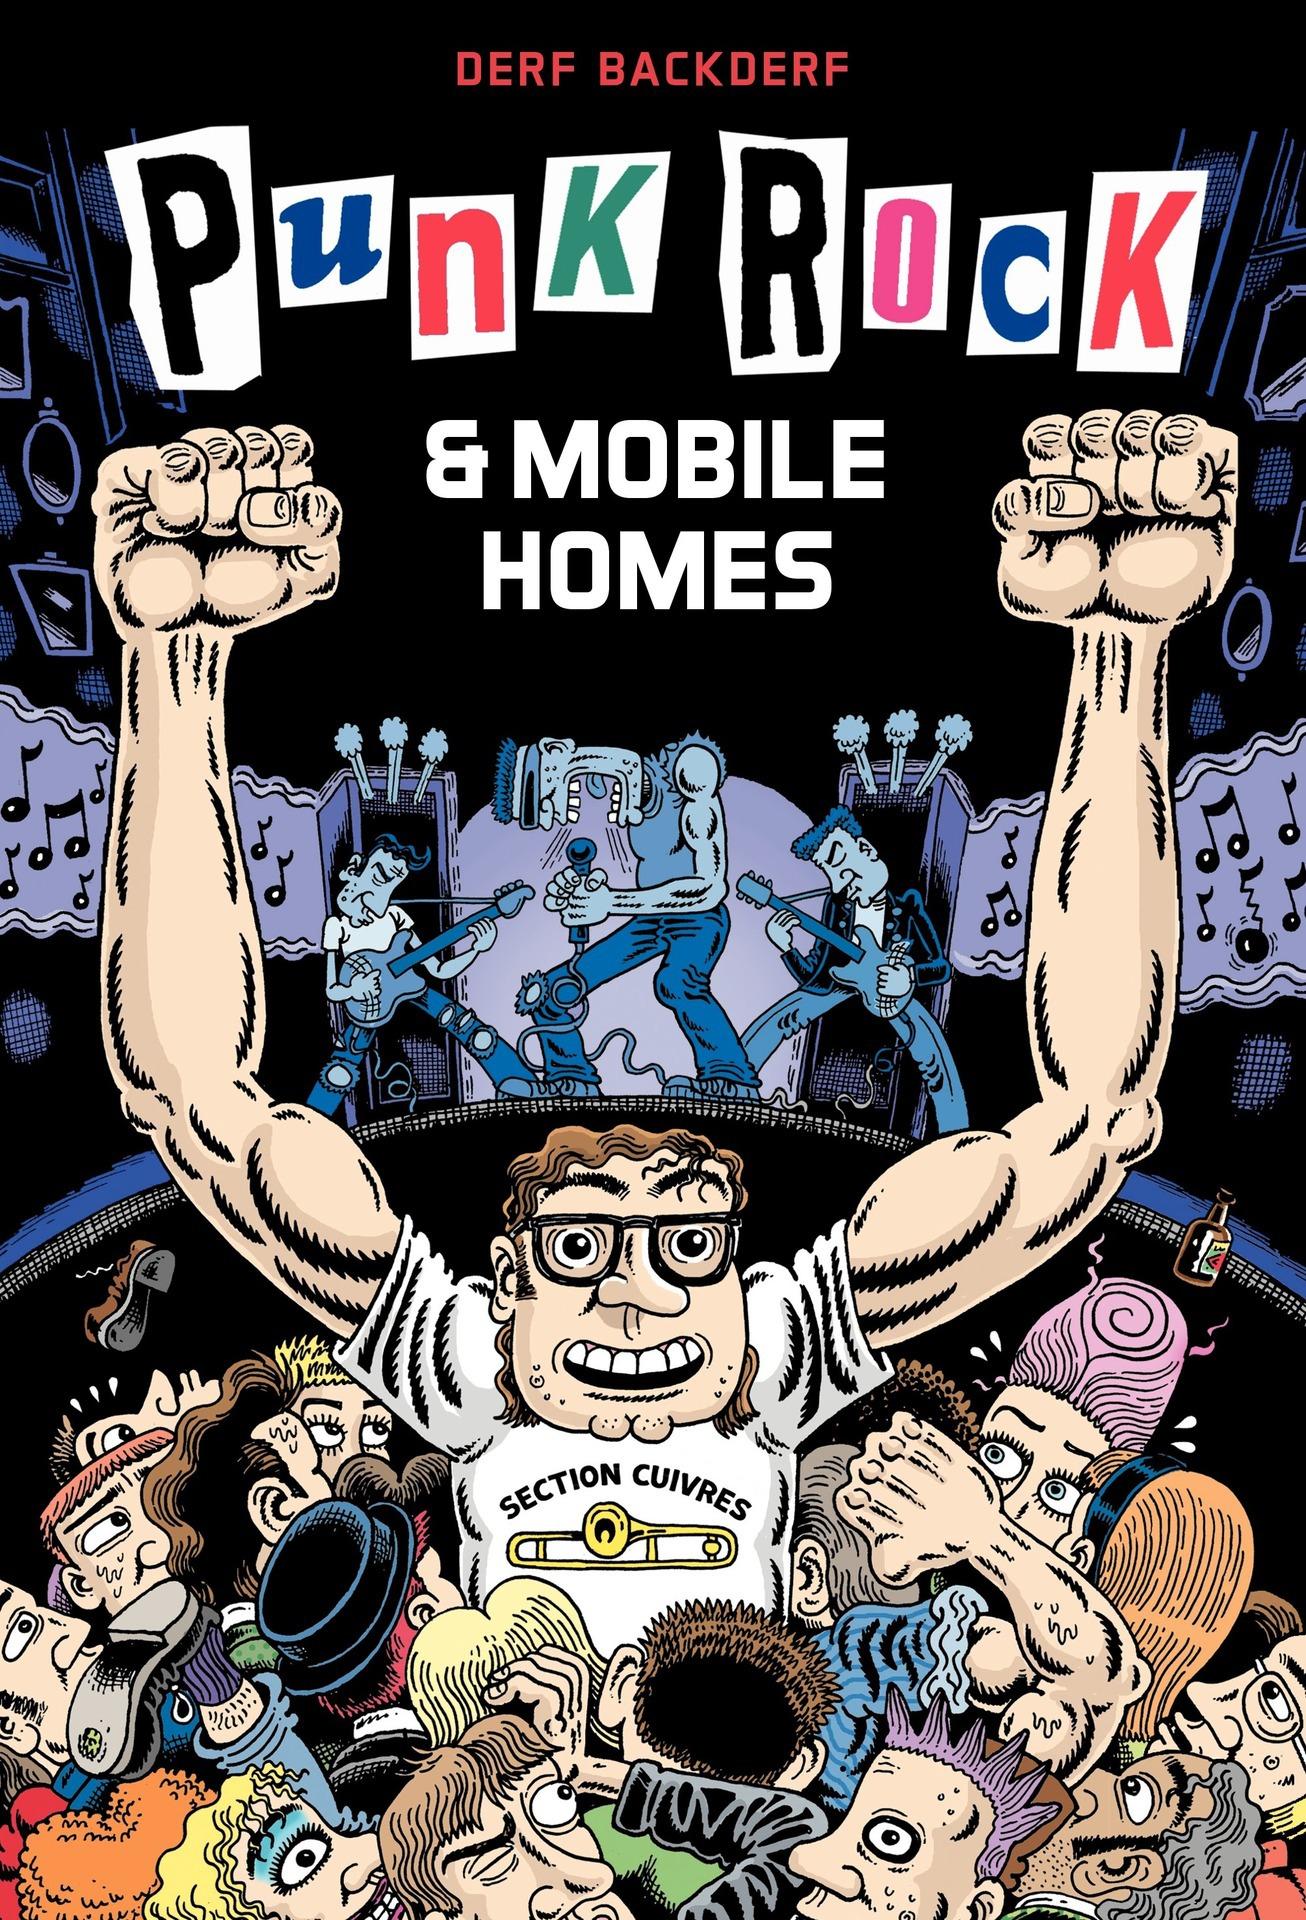 Couverture : Punk rock et mobile homes Derf Backderf